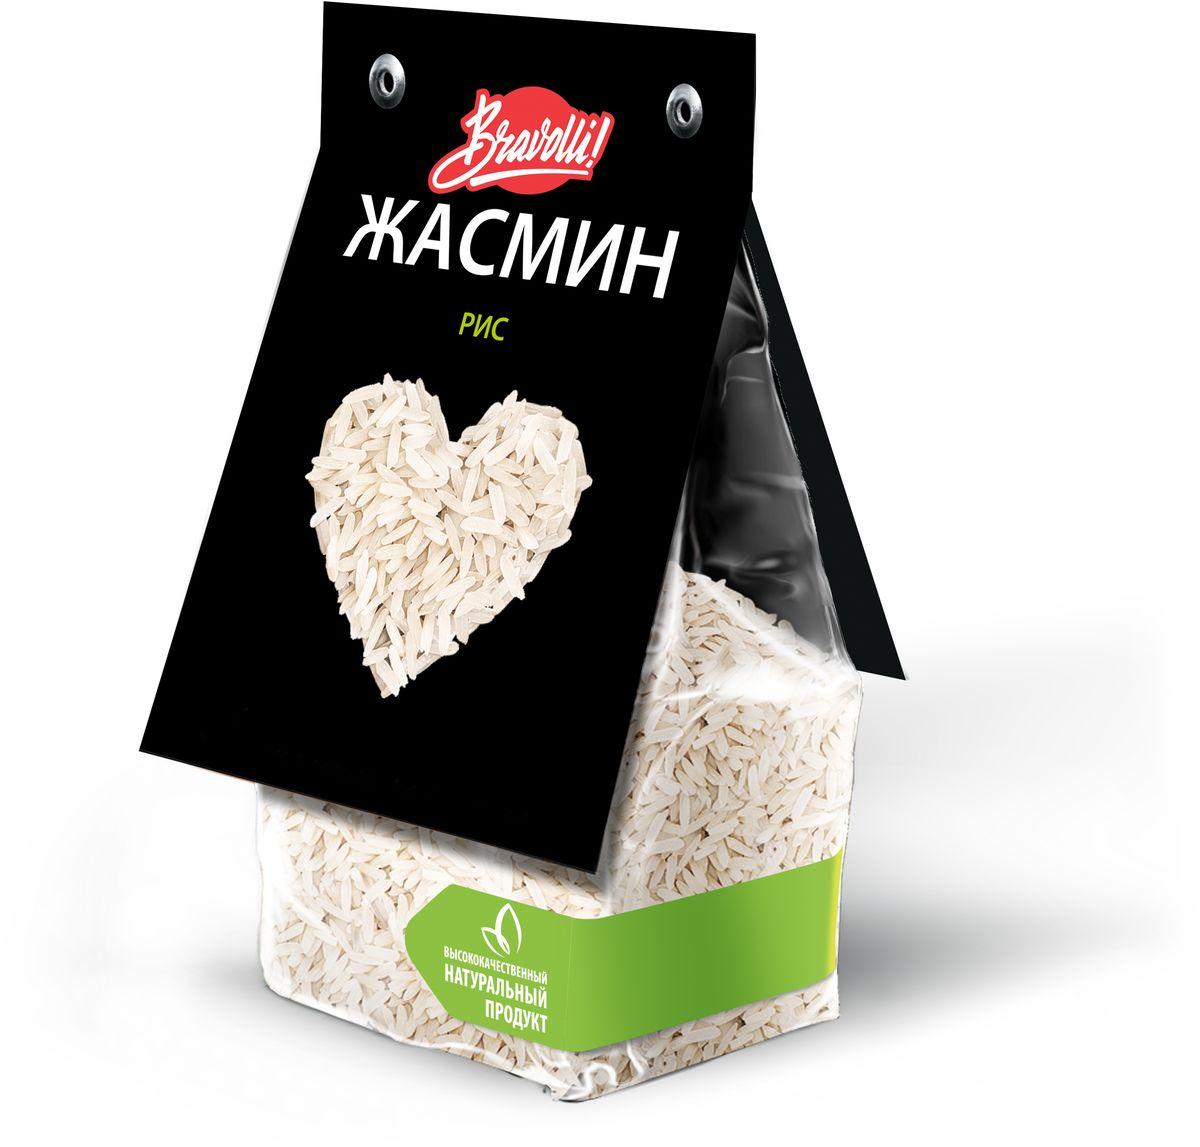 Bravolli Жасмин рис, 350 гБР 61/6Рис Жасмин - белый длиннозерный рис, который обладает природным (натуральным) ароматом, напоминающим благоухание белого цветка жасмина.